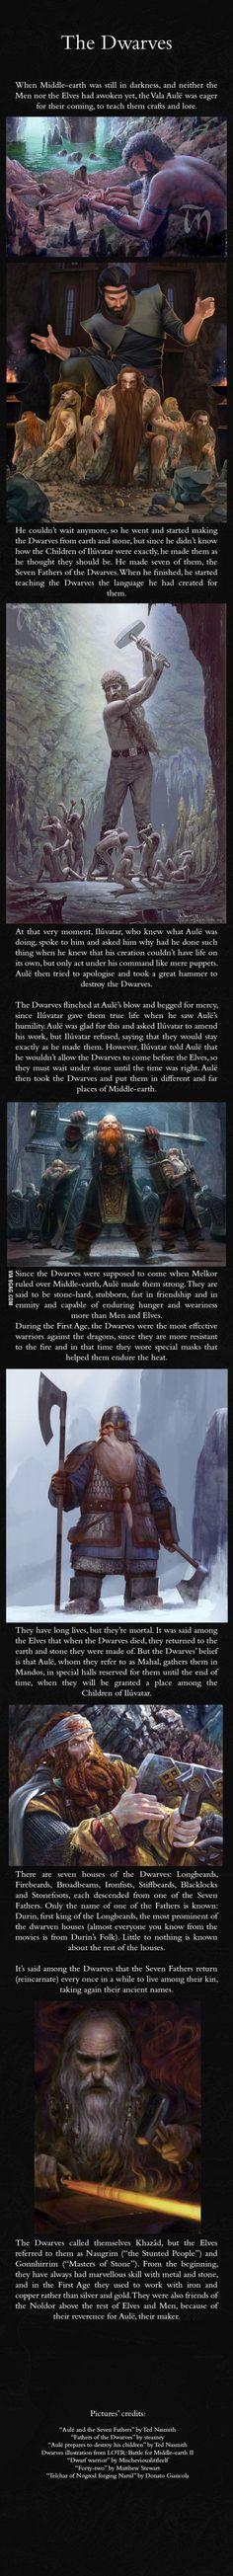 The Dwarves - J.R.R. Tolkien's Mythology